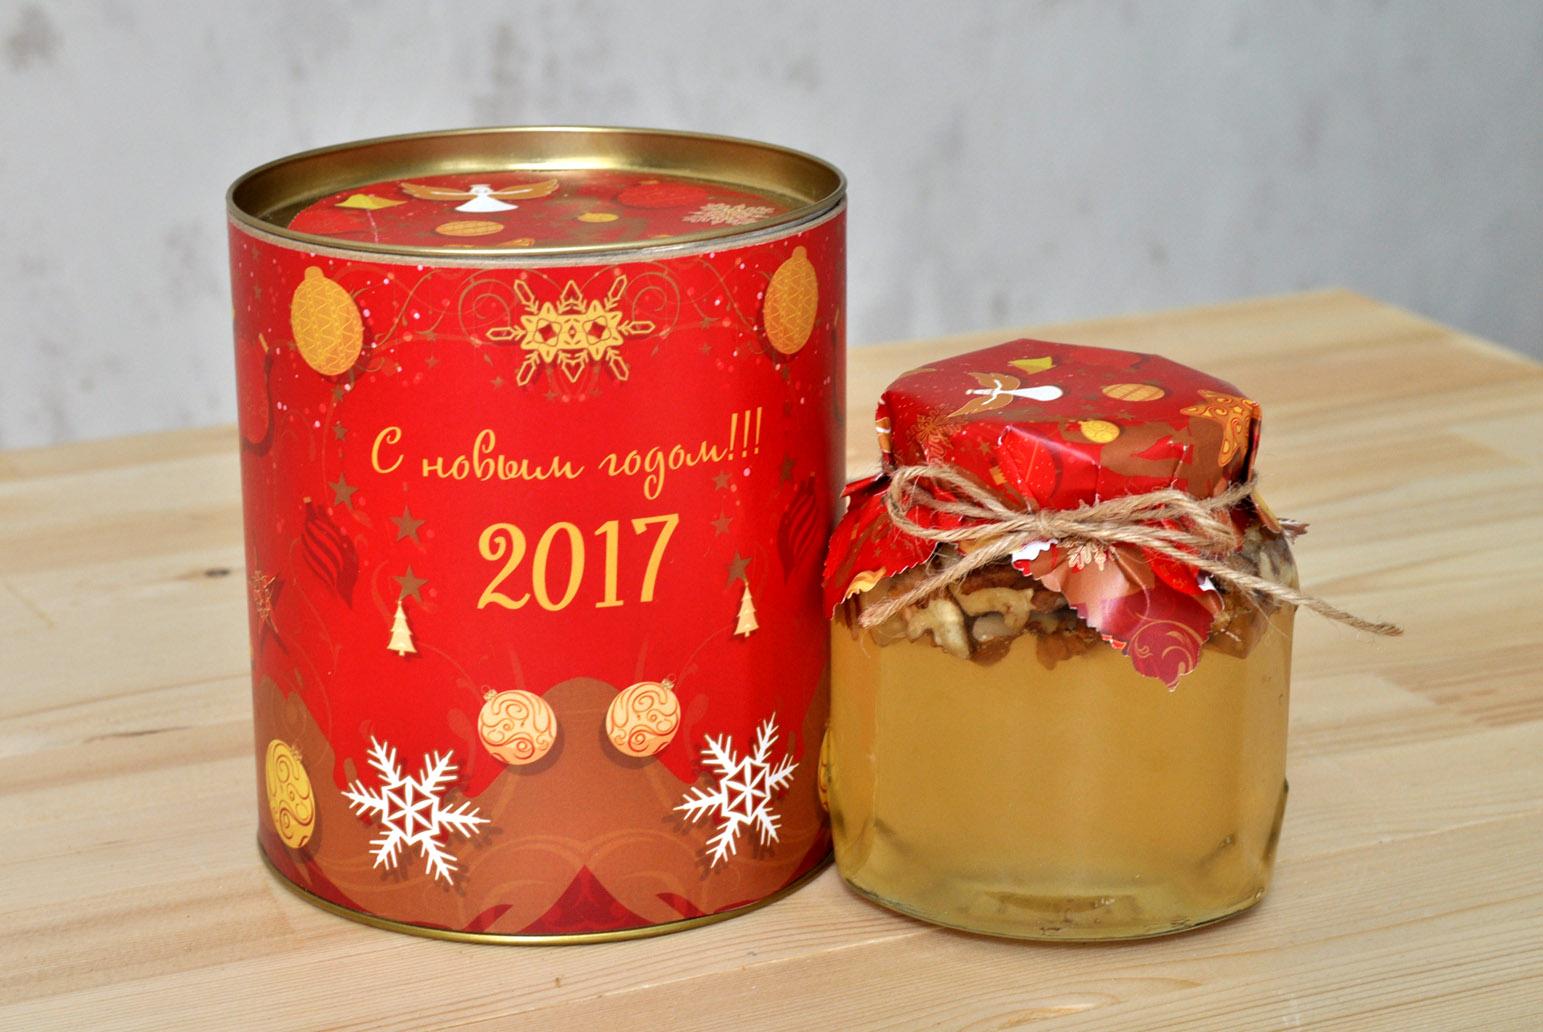 Подарки на новый год trfnthby ehu